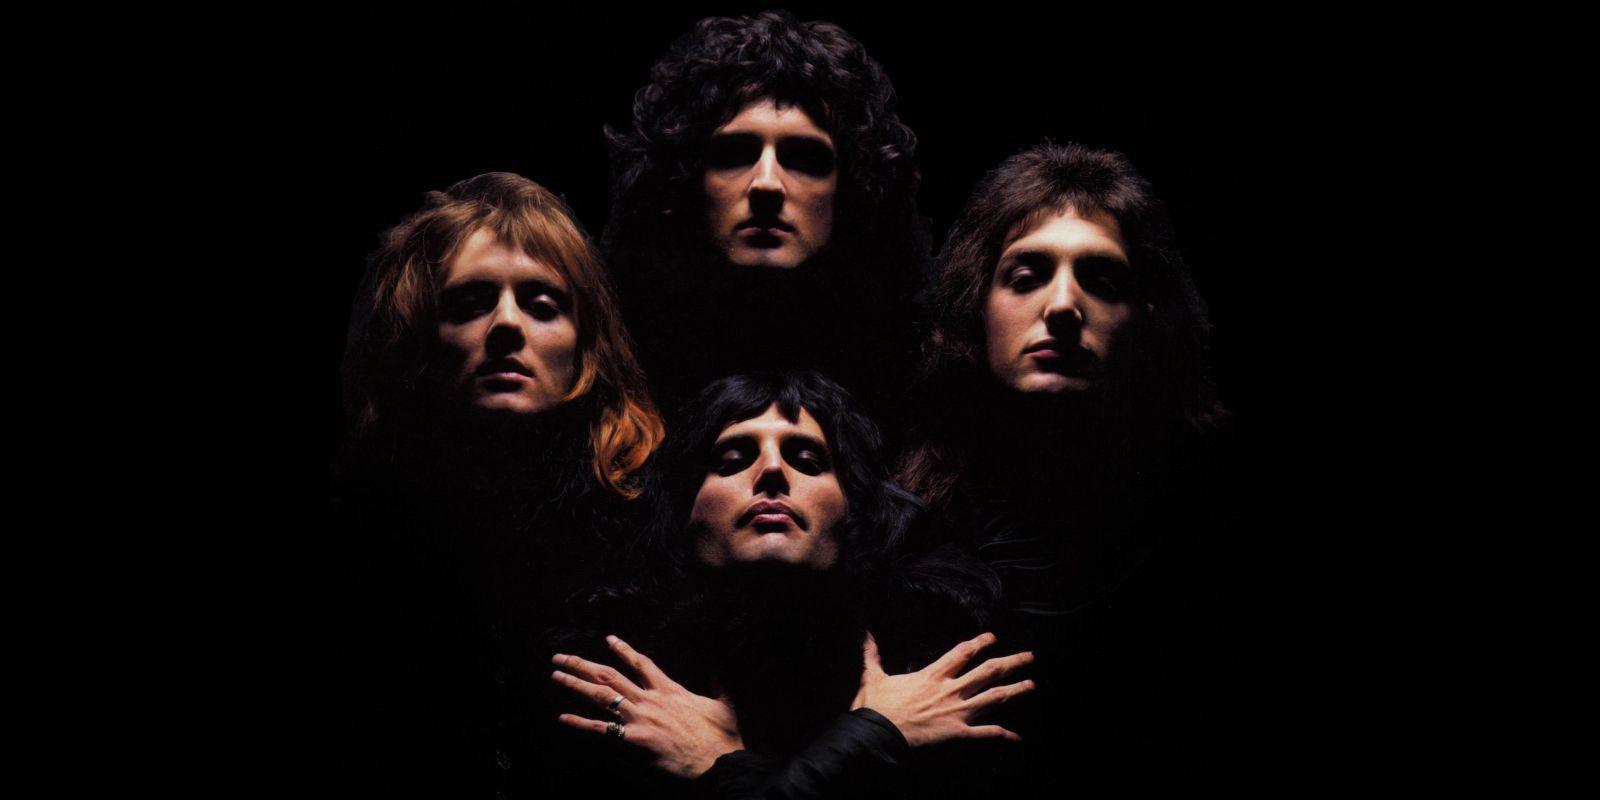 MBTI enneagram type of Queen - Bohemian Rhapsody